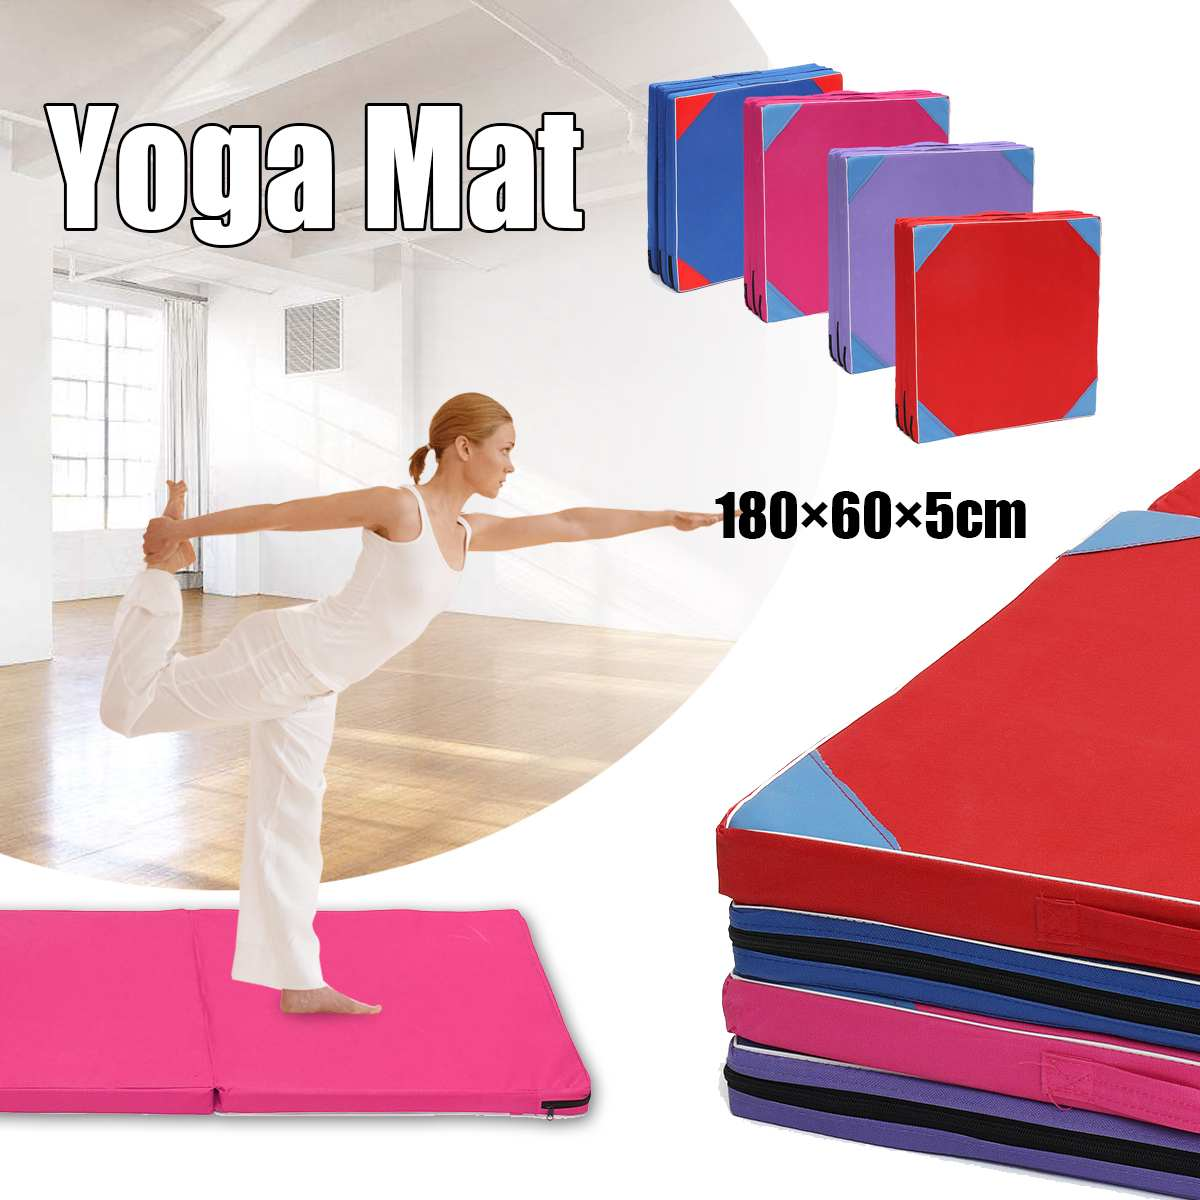 180x60x5 cm tapis de gymnastique pliant tapis de Yoga de plancher de gymnastique exercice Fitness Pilates Gym pique-nique pliant tapis d'exercice Gym Yoga